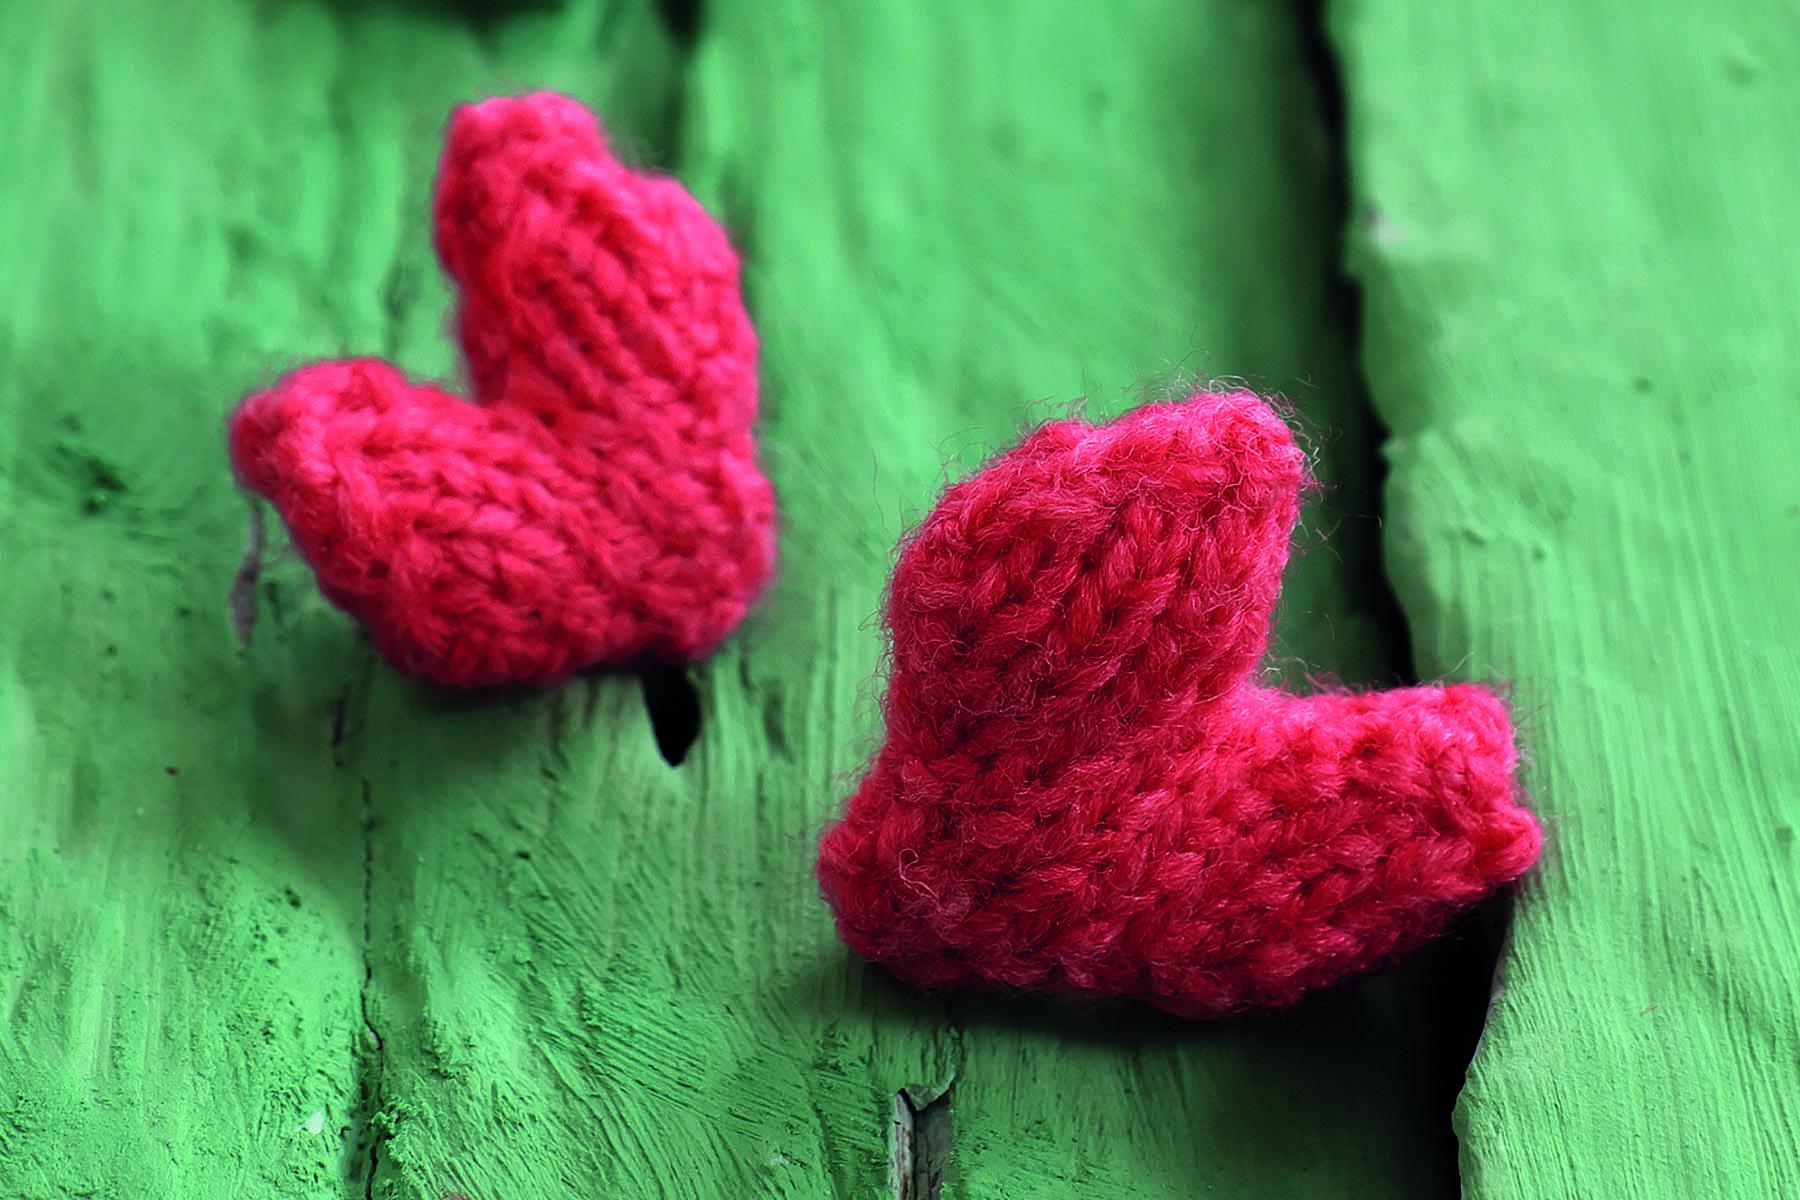 Två röda garnhjärtan på ett grönt träunderlag